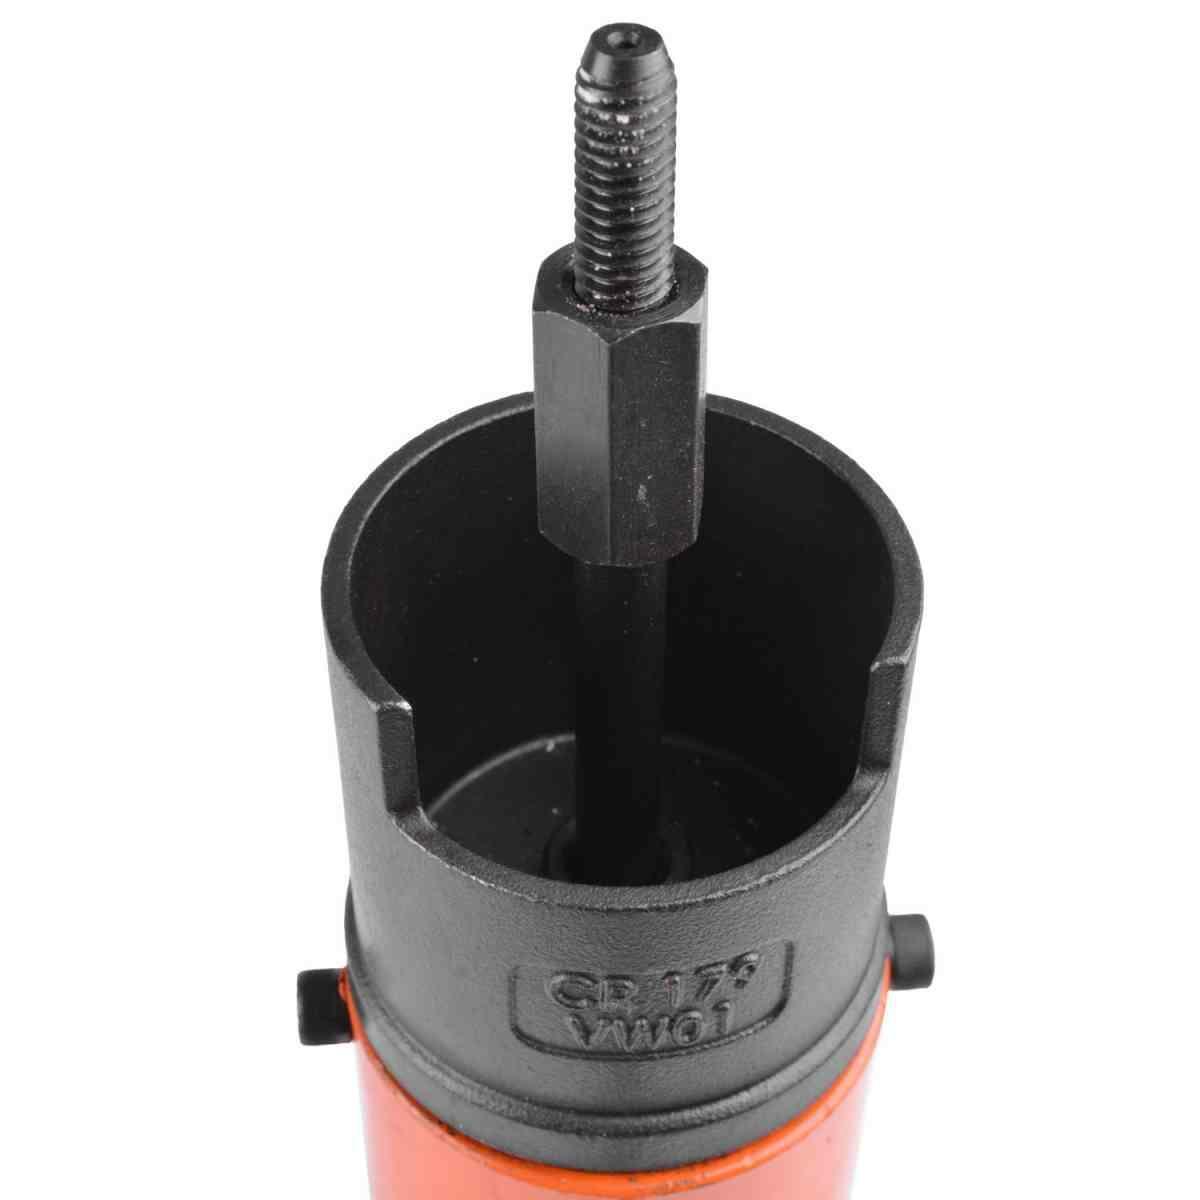 Extrator/Instalador Da Bucha Da Bandeja CR179 Cr Ferramentas